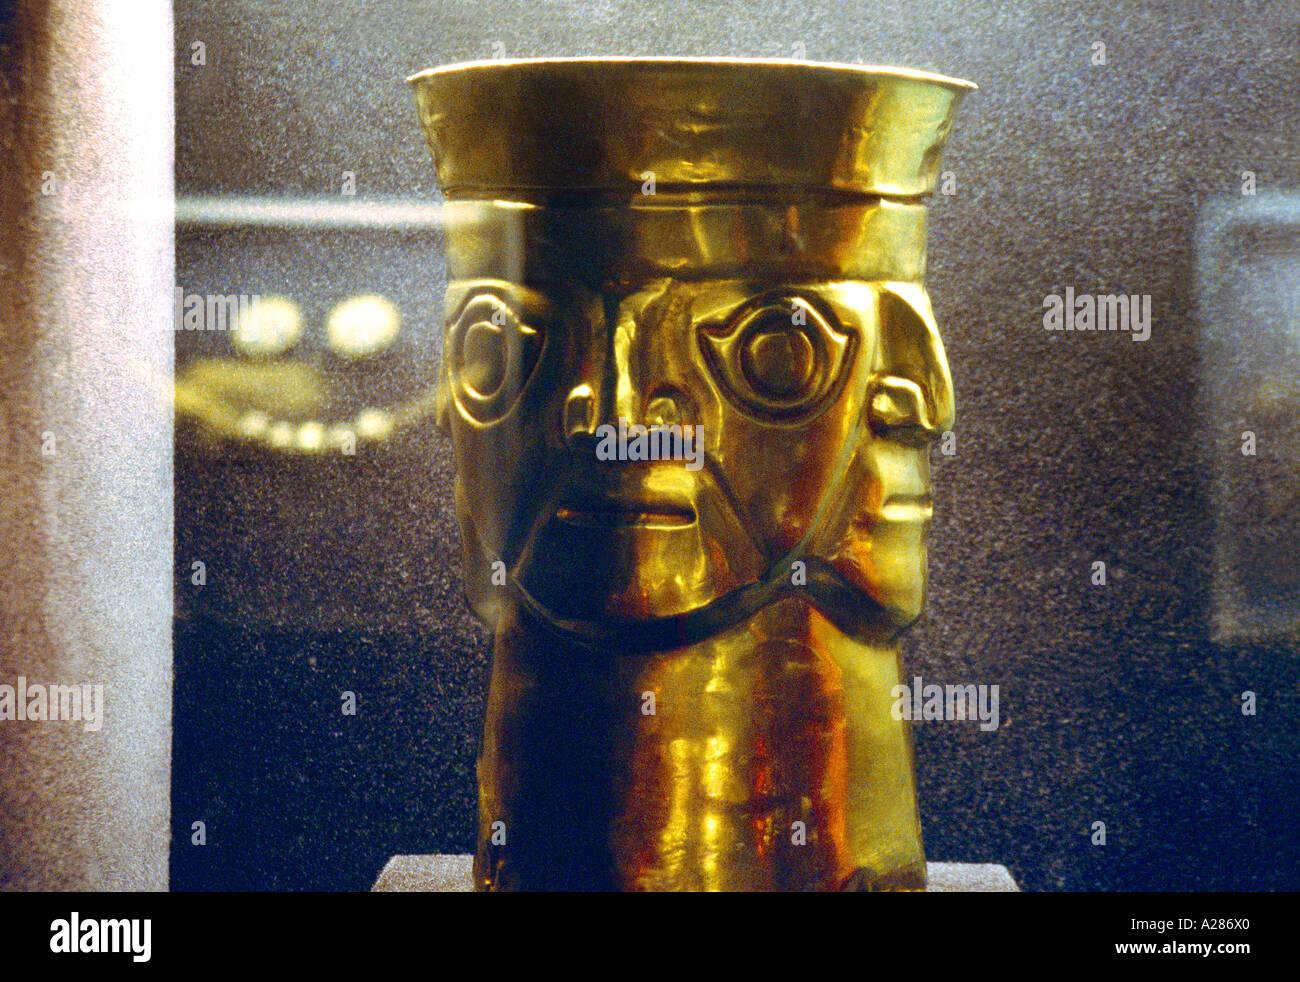 Gold Vase Stockfotos & Gold Vase Bilder - Alamy